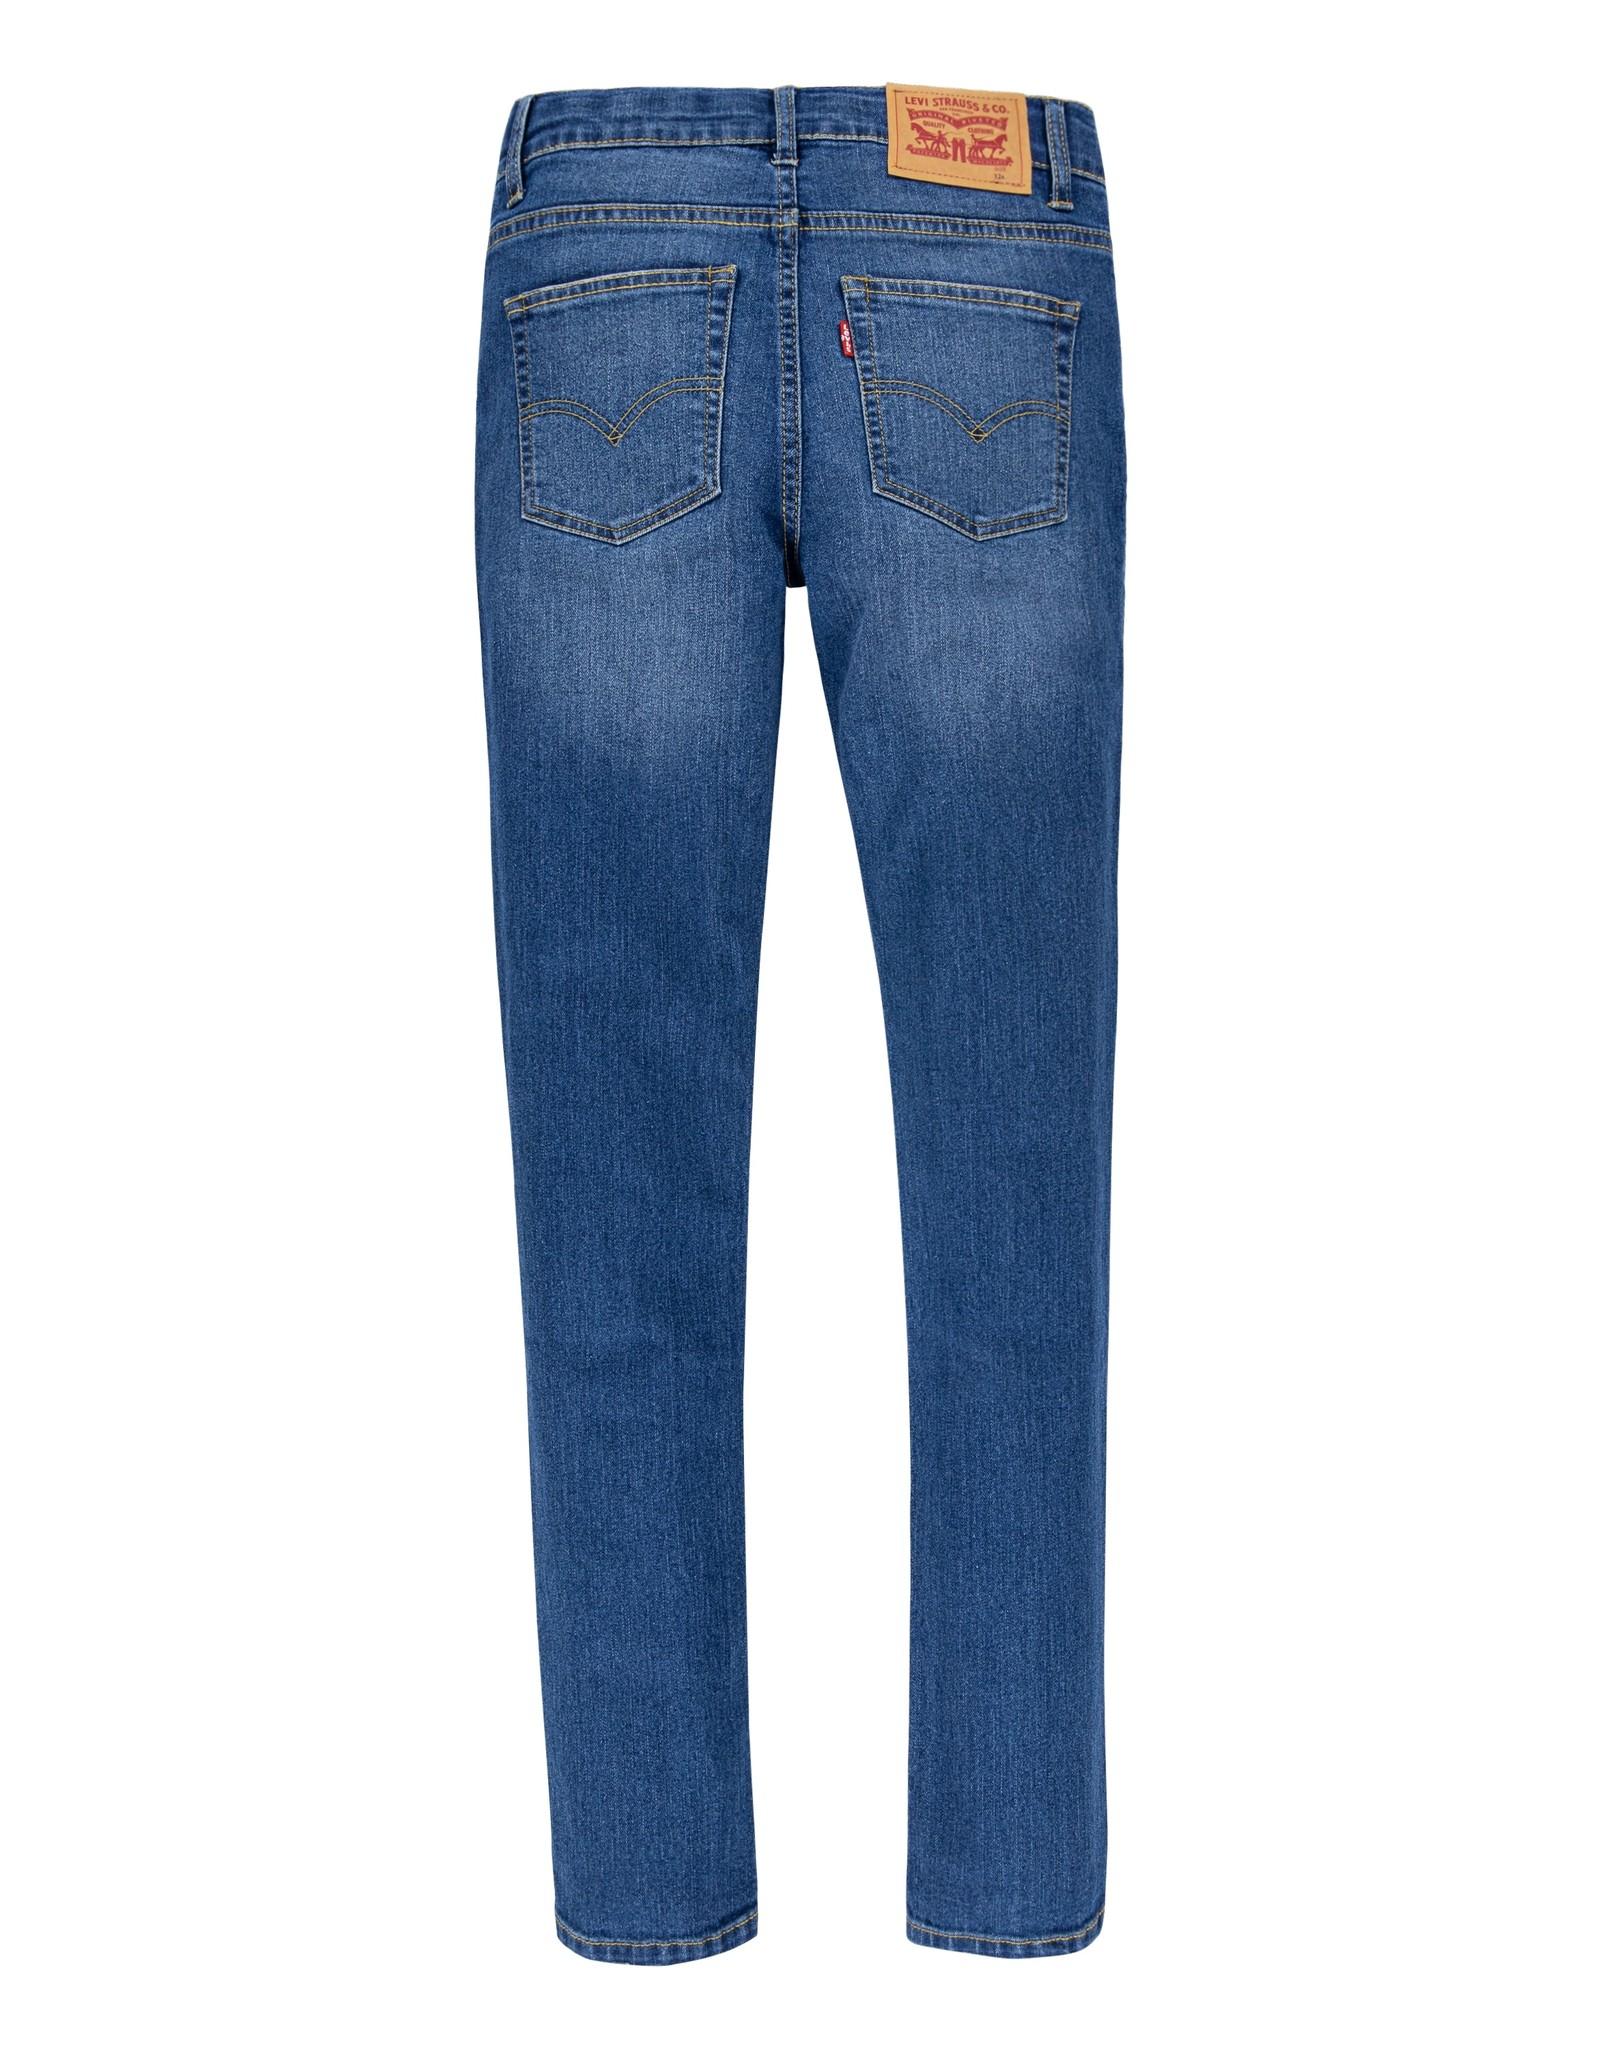 LEVI'S LEVI'S Skinny taper jeans por vida